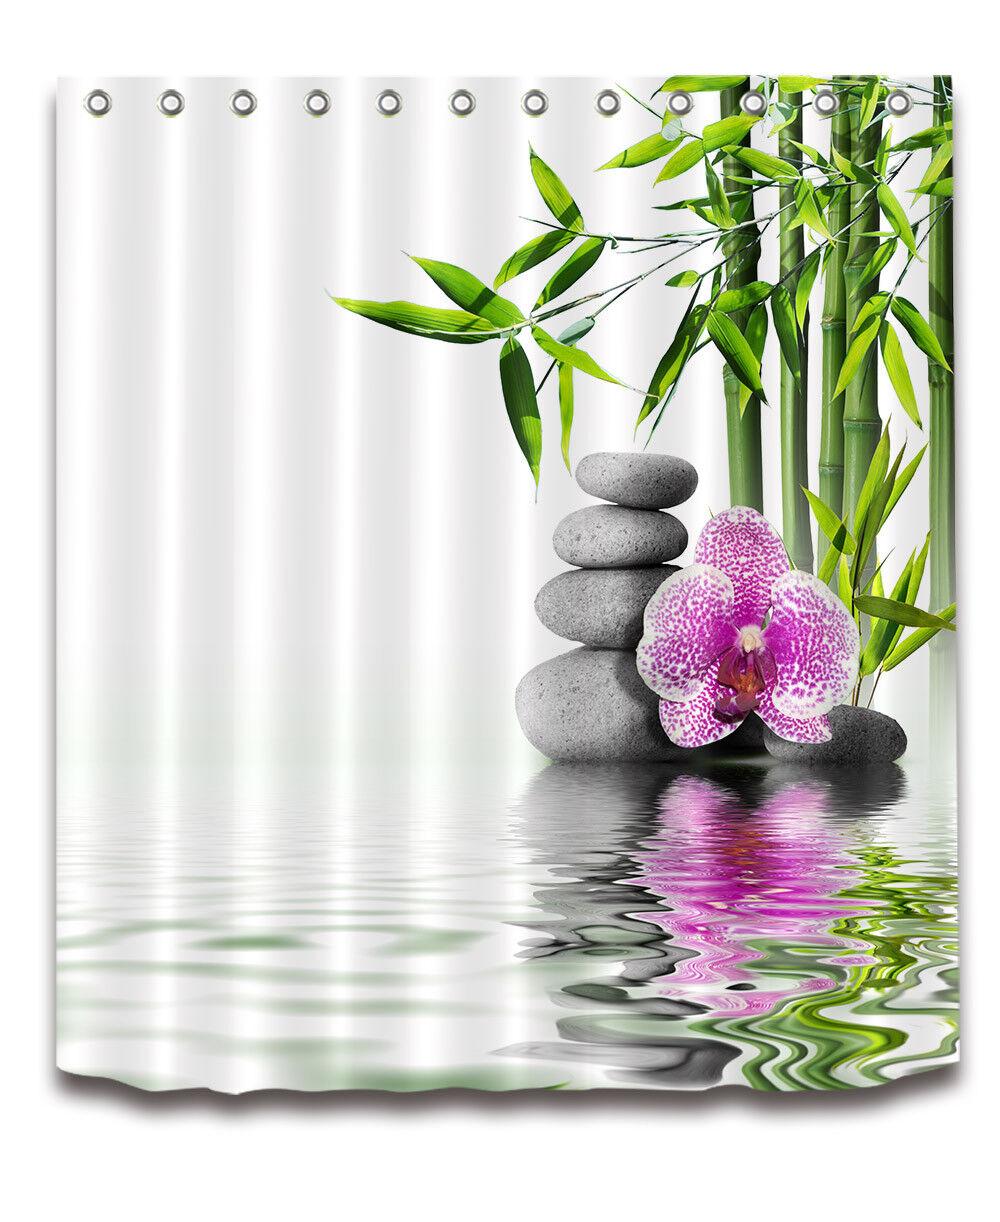 Purple Flower Bamboo Waterproof SPA Polyester Zen Shower Curtain Bath Mat 4991